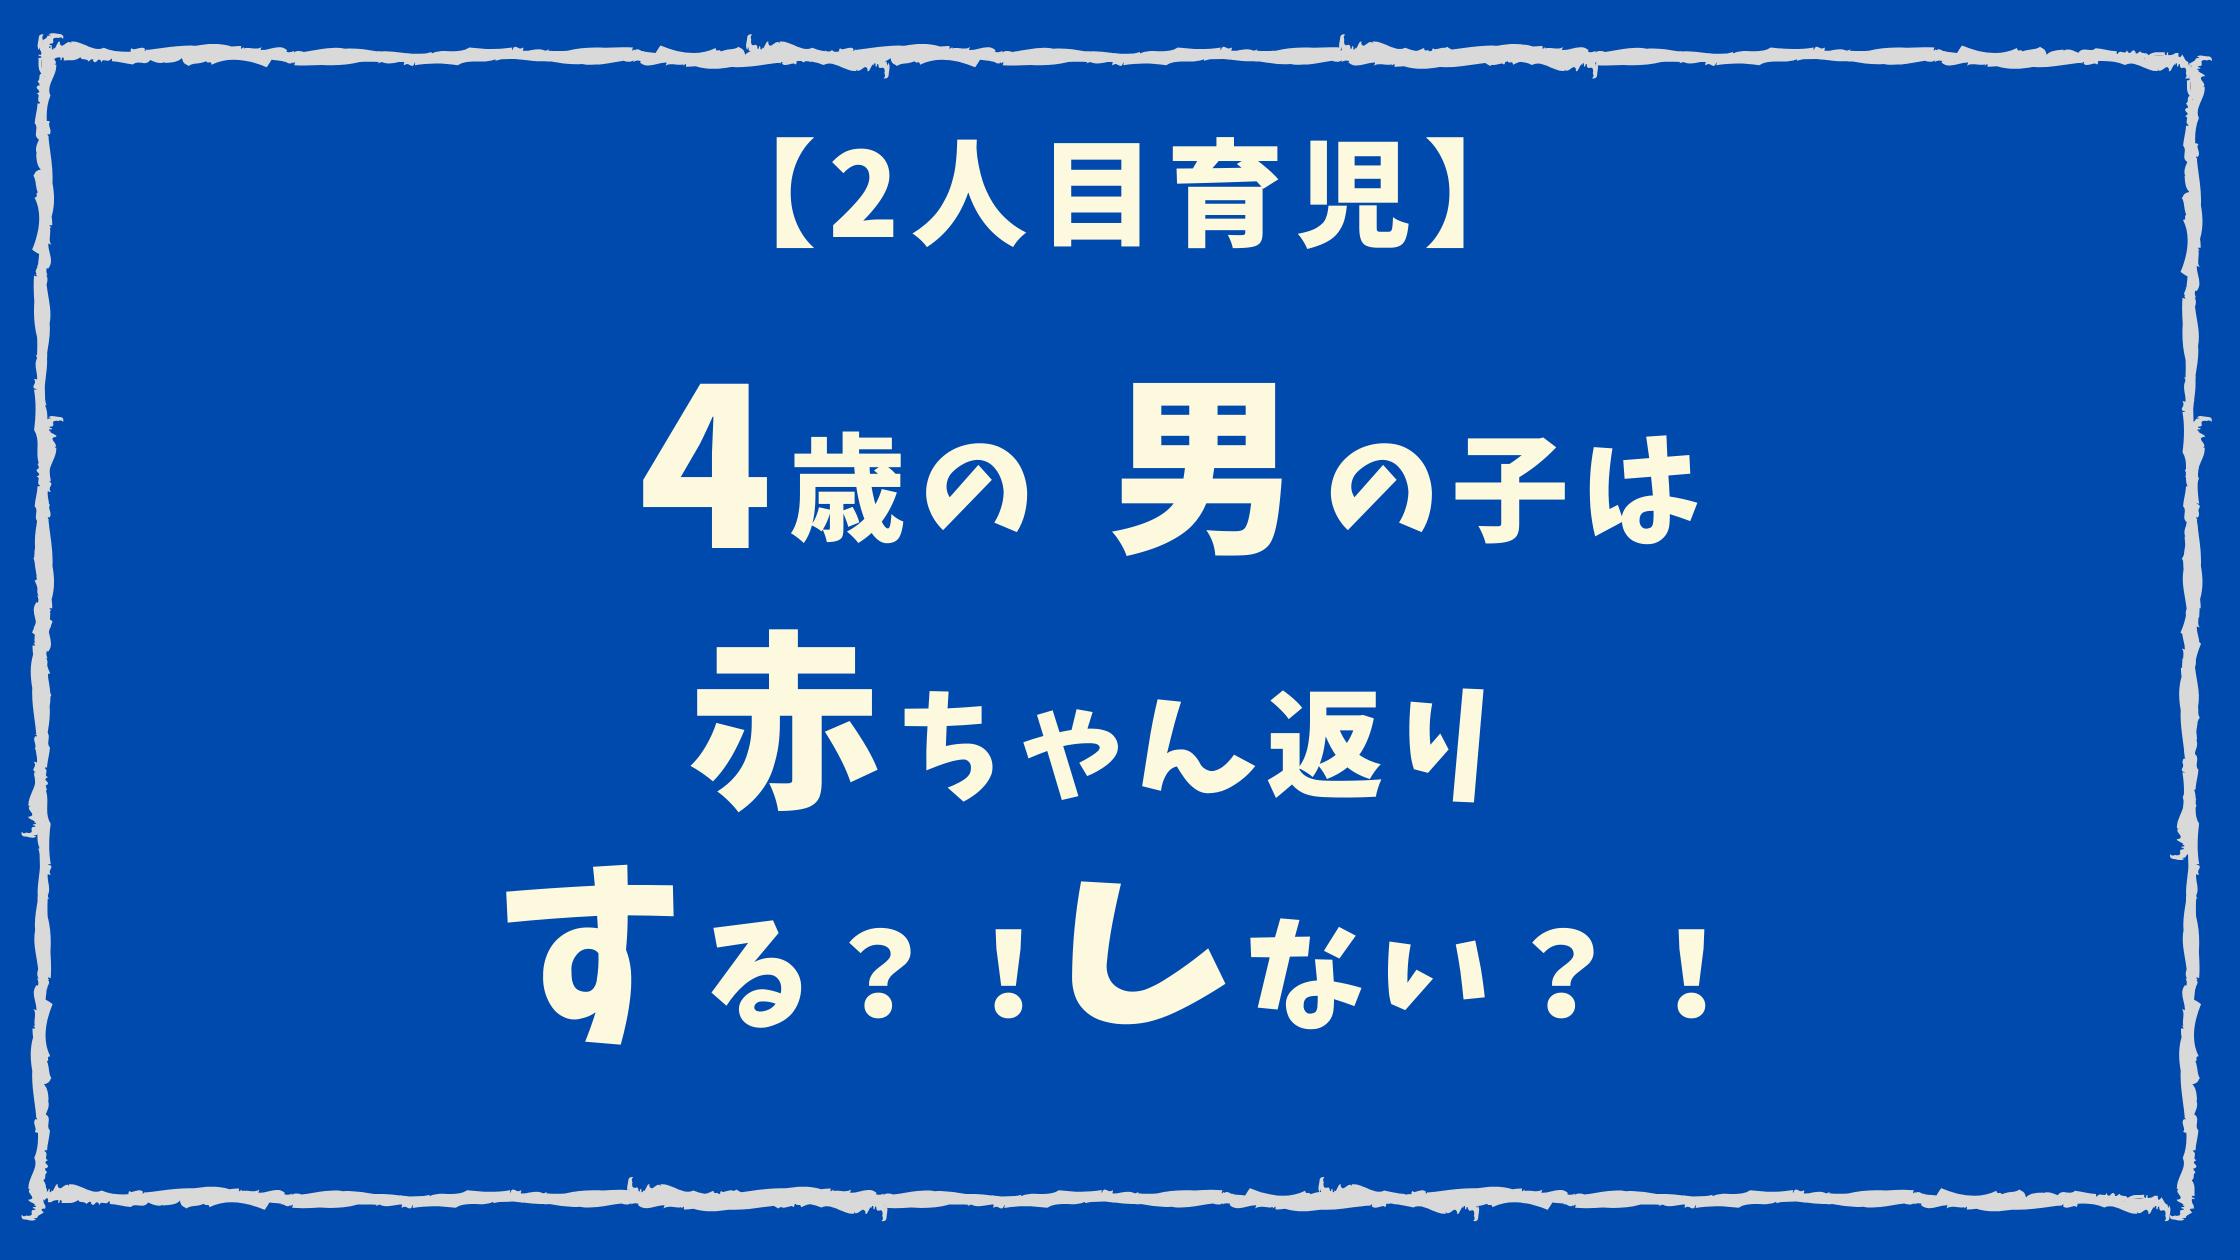 【2人目育児】 4歳差男の子は 赤ちゃん返り する?!しない?!